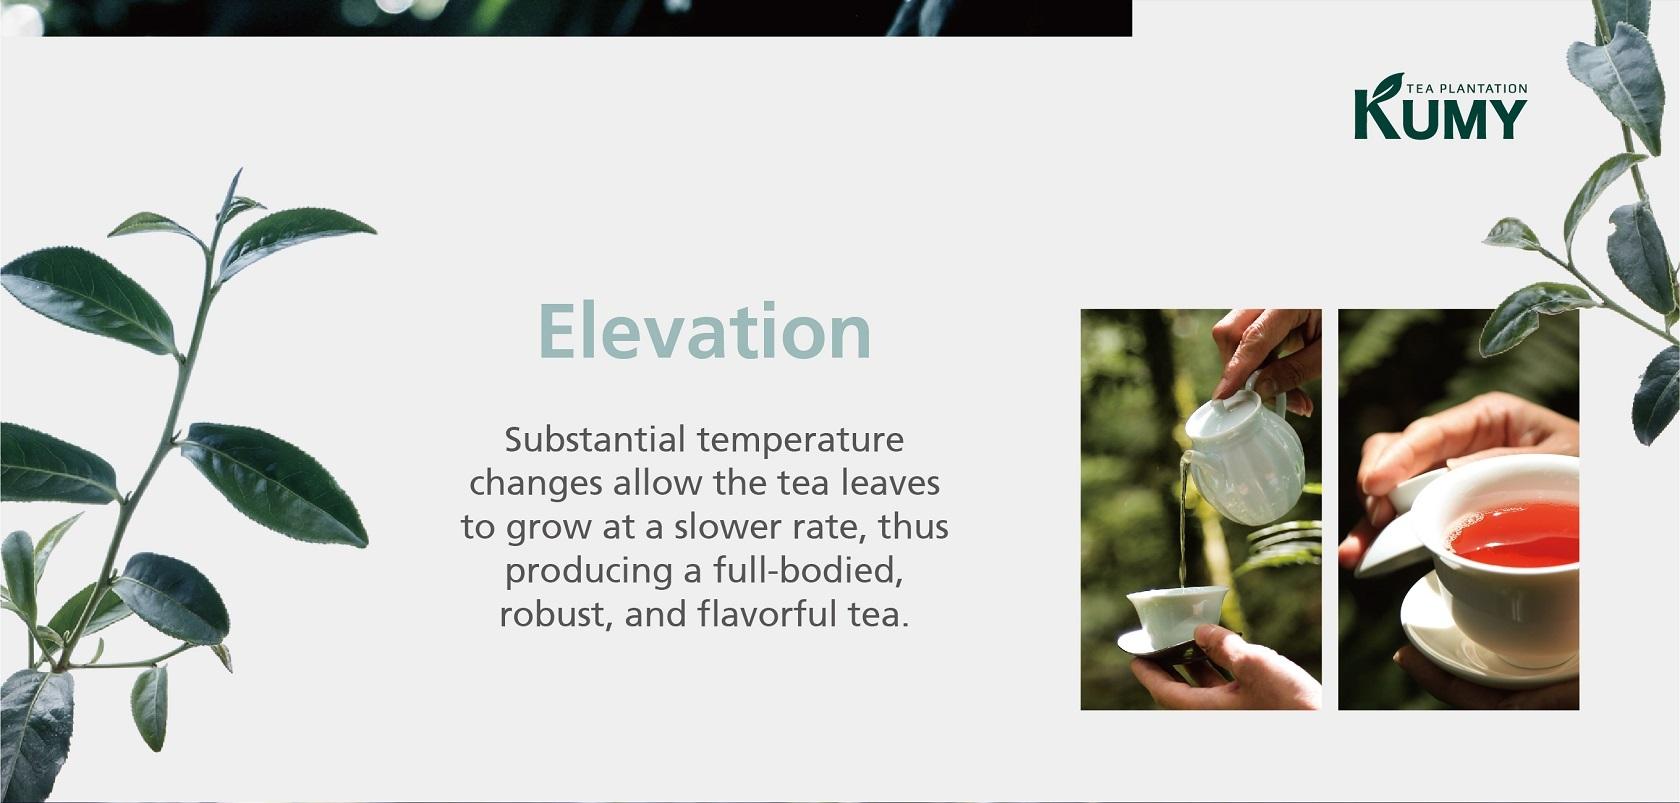 KUMY Tea Plantation Elevation 2000-2200M